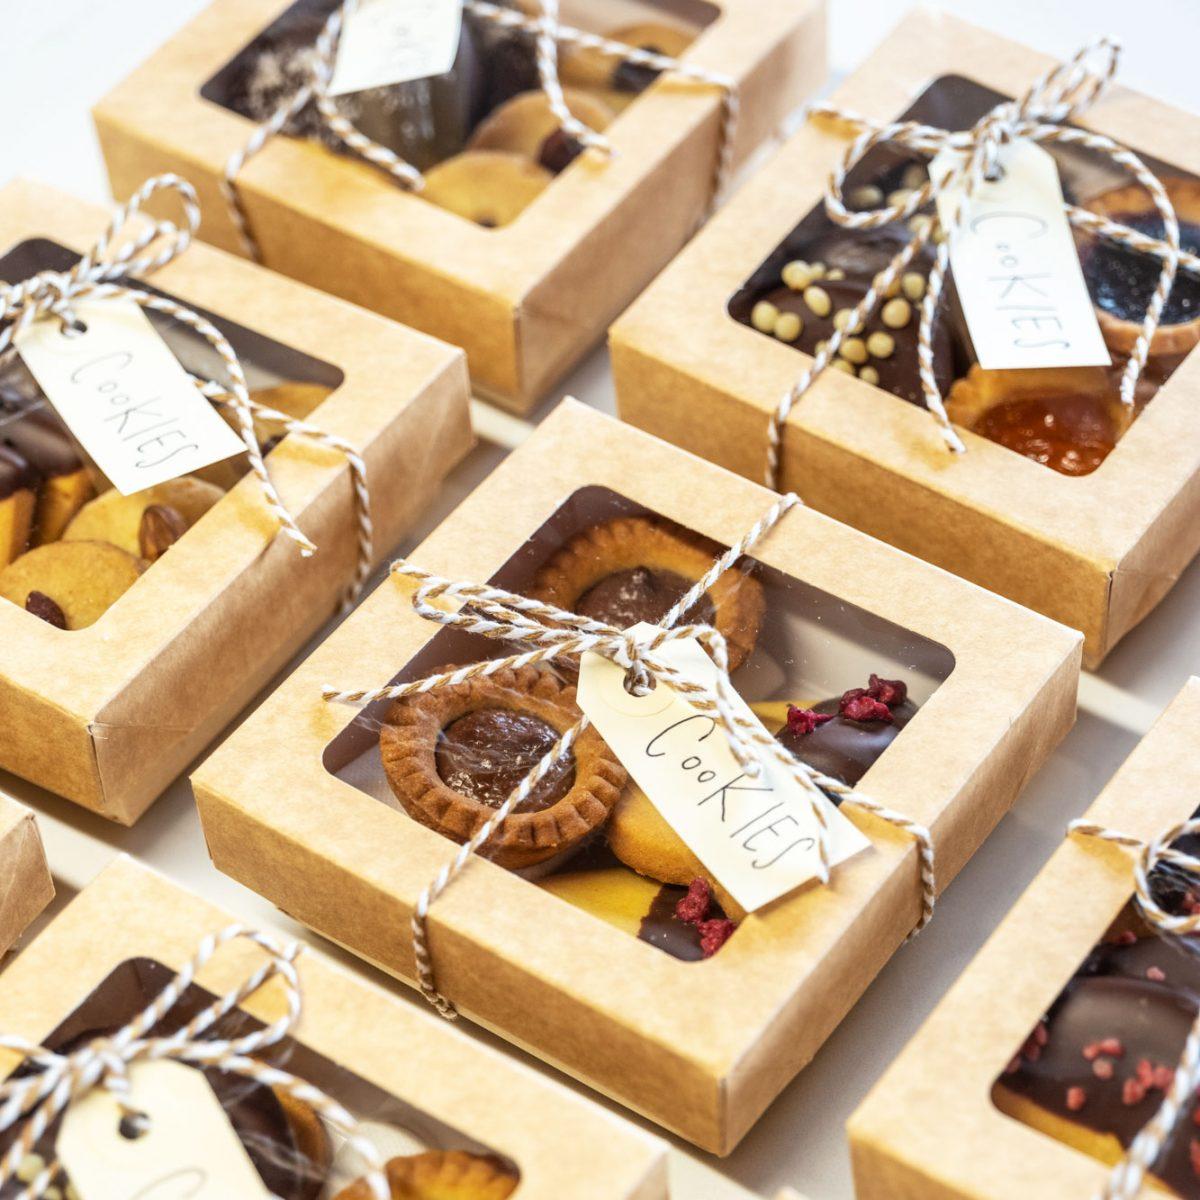 Le-scatole-kray-sono-le-food-box-perfette-per-il-delivery-food-e-il-take-away.-Un-focus-su-questo-prodotto-per-conoscerlo-meglio.9